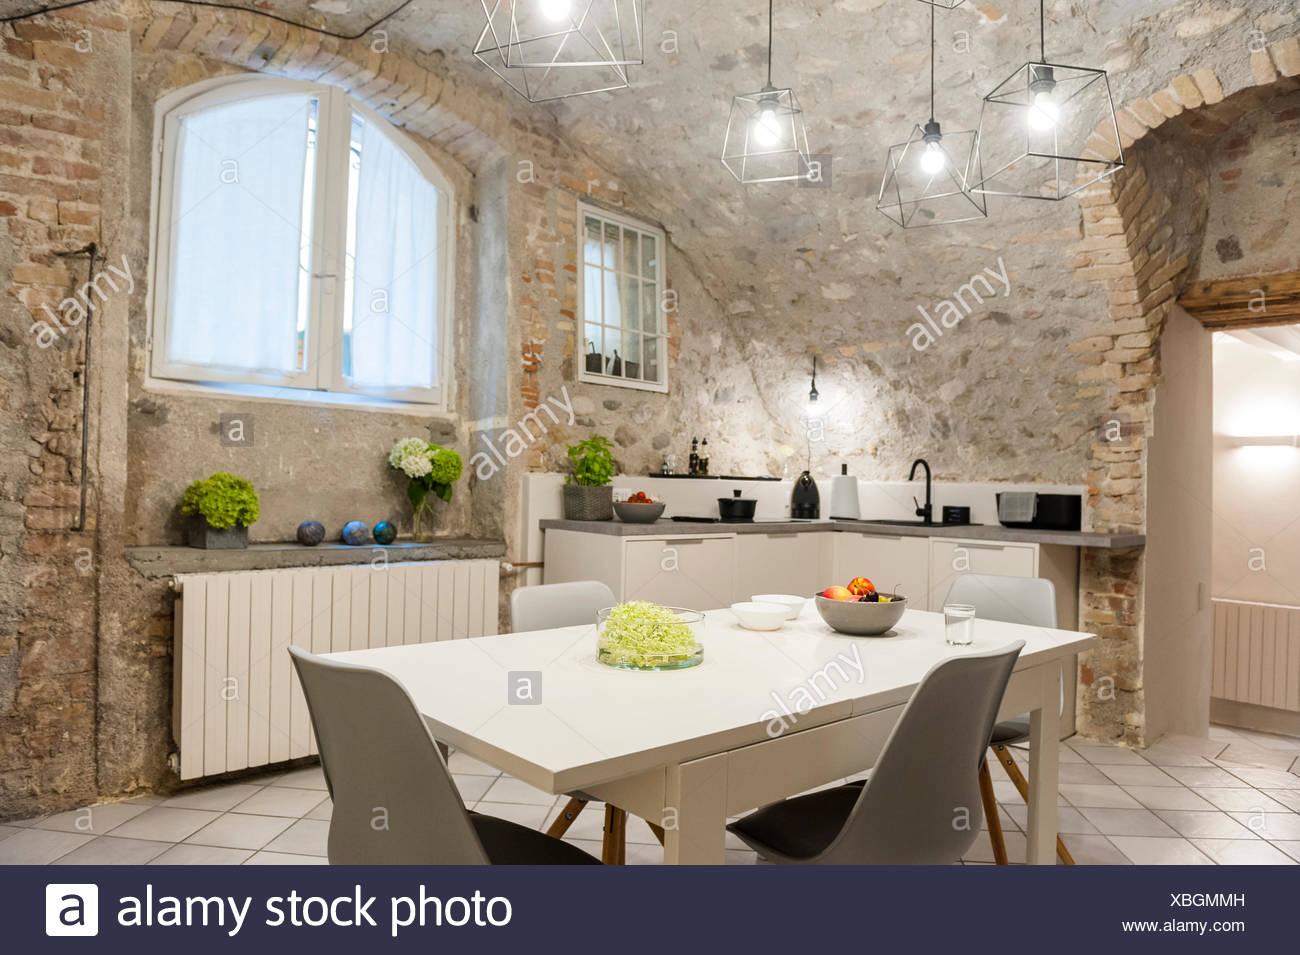 Cuisine Moderne Dans Maison Ancienne   Renovation Maison Ancienne ...